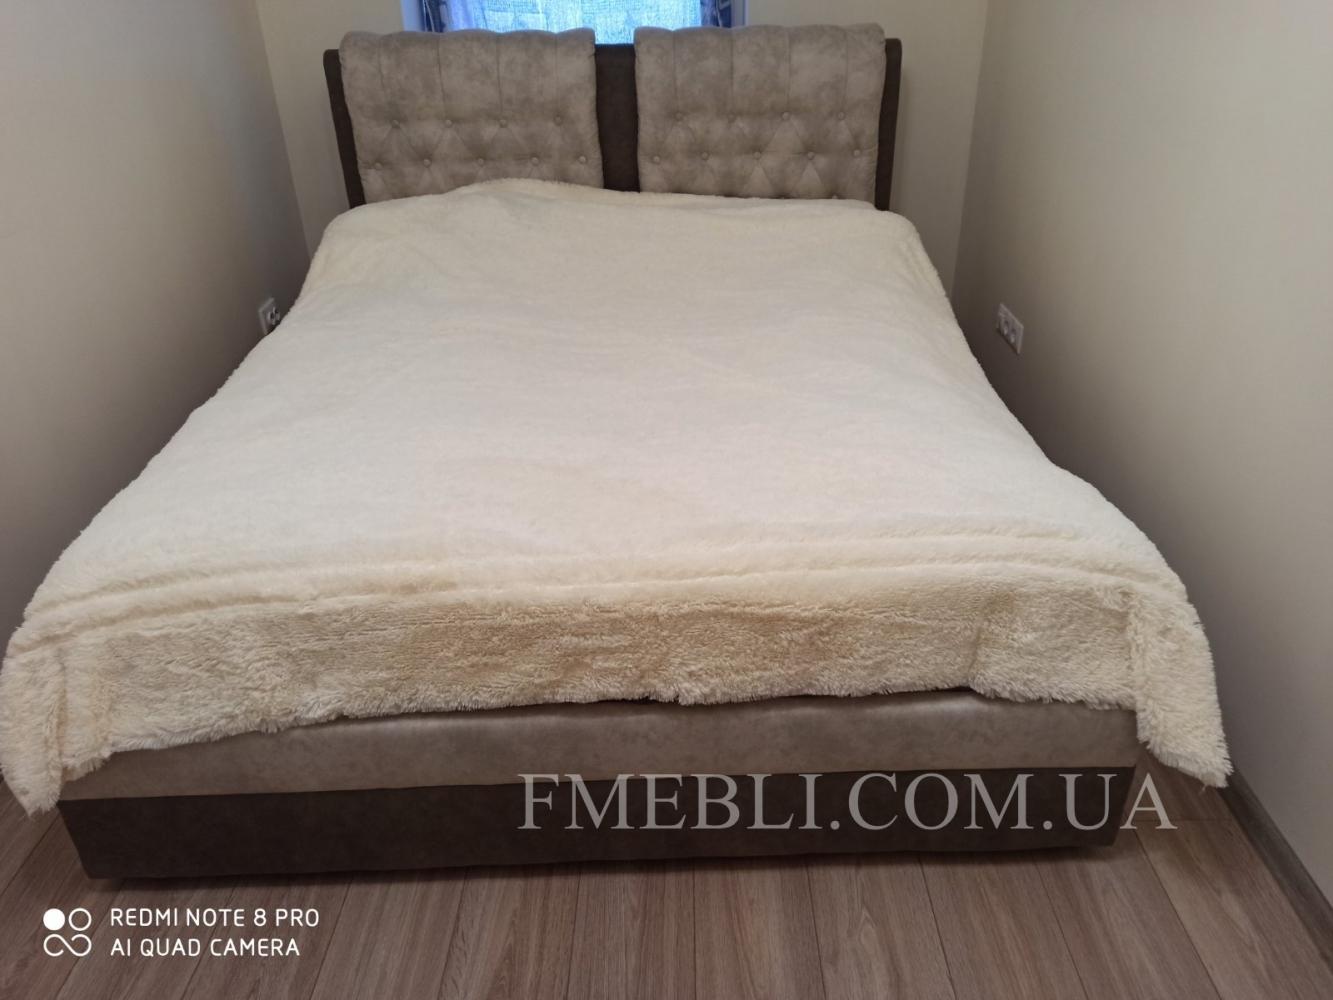 Кровать Скарлет с подъемным механизмом. 1